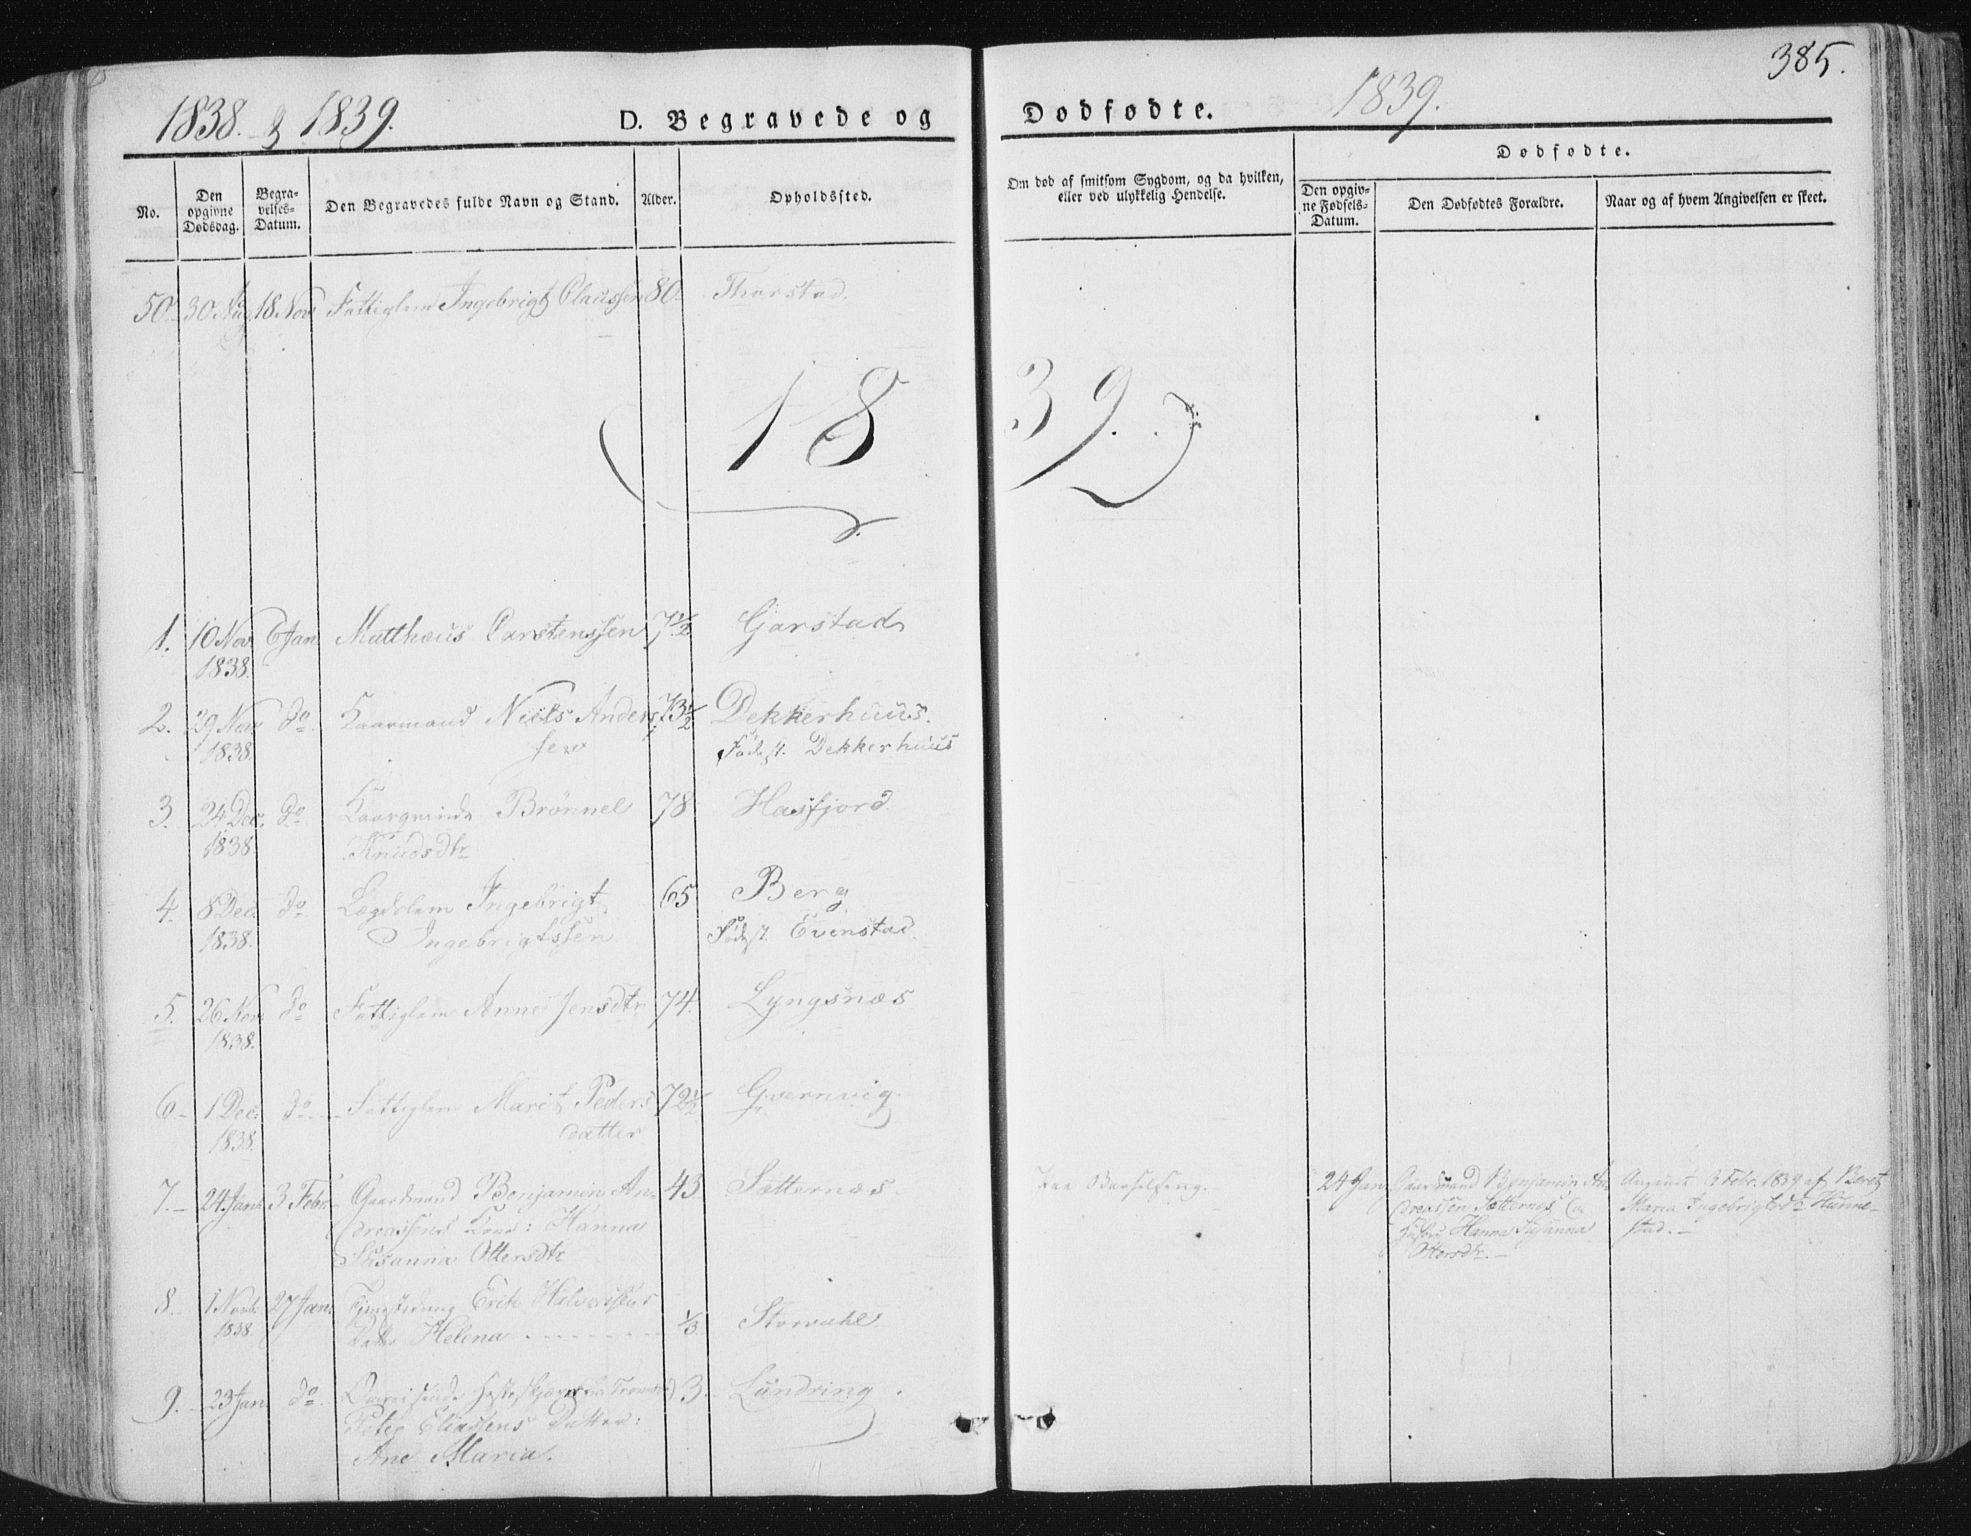 SAT, Ministerialprotokoller, klokkerbøker og fødselsregistre - Nord-Trøndelag, 784/L0669: Ministerialbok nr. 784A04, 1829-1859, s. 385